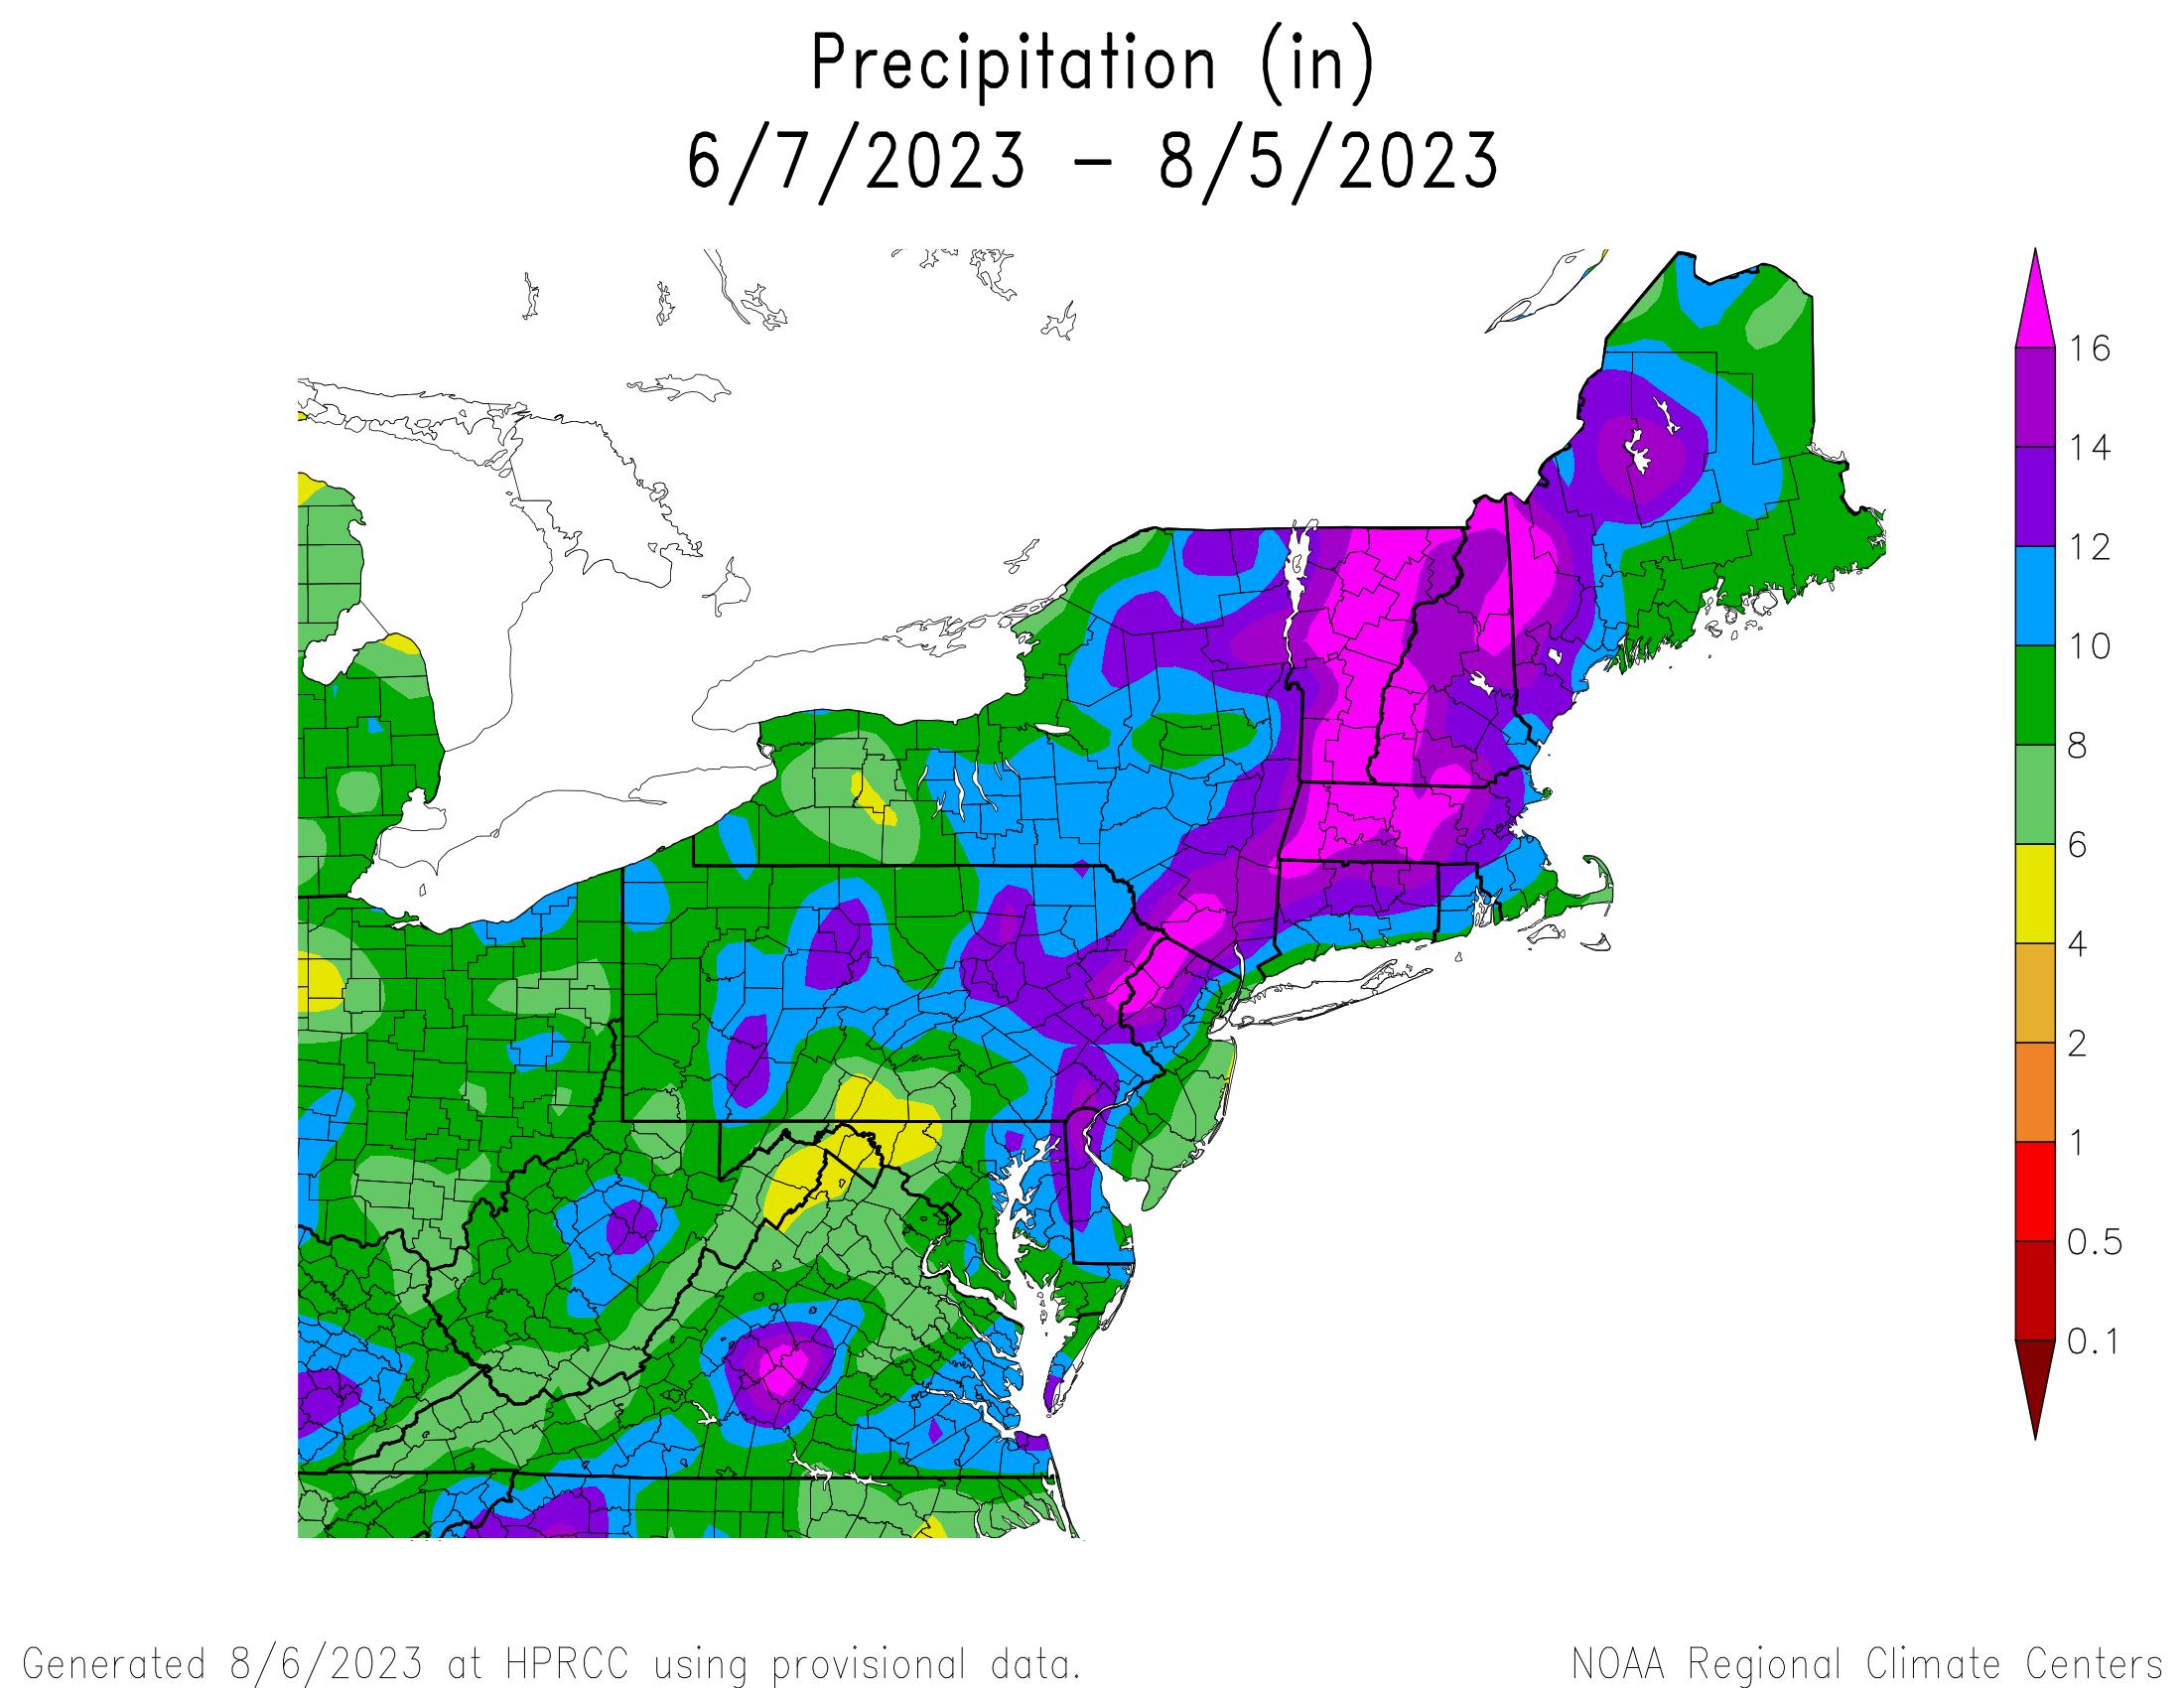 60-Day Total Precipitation